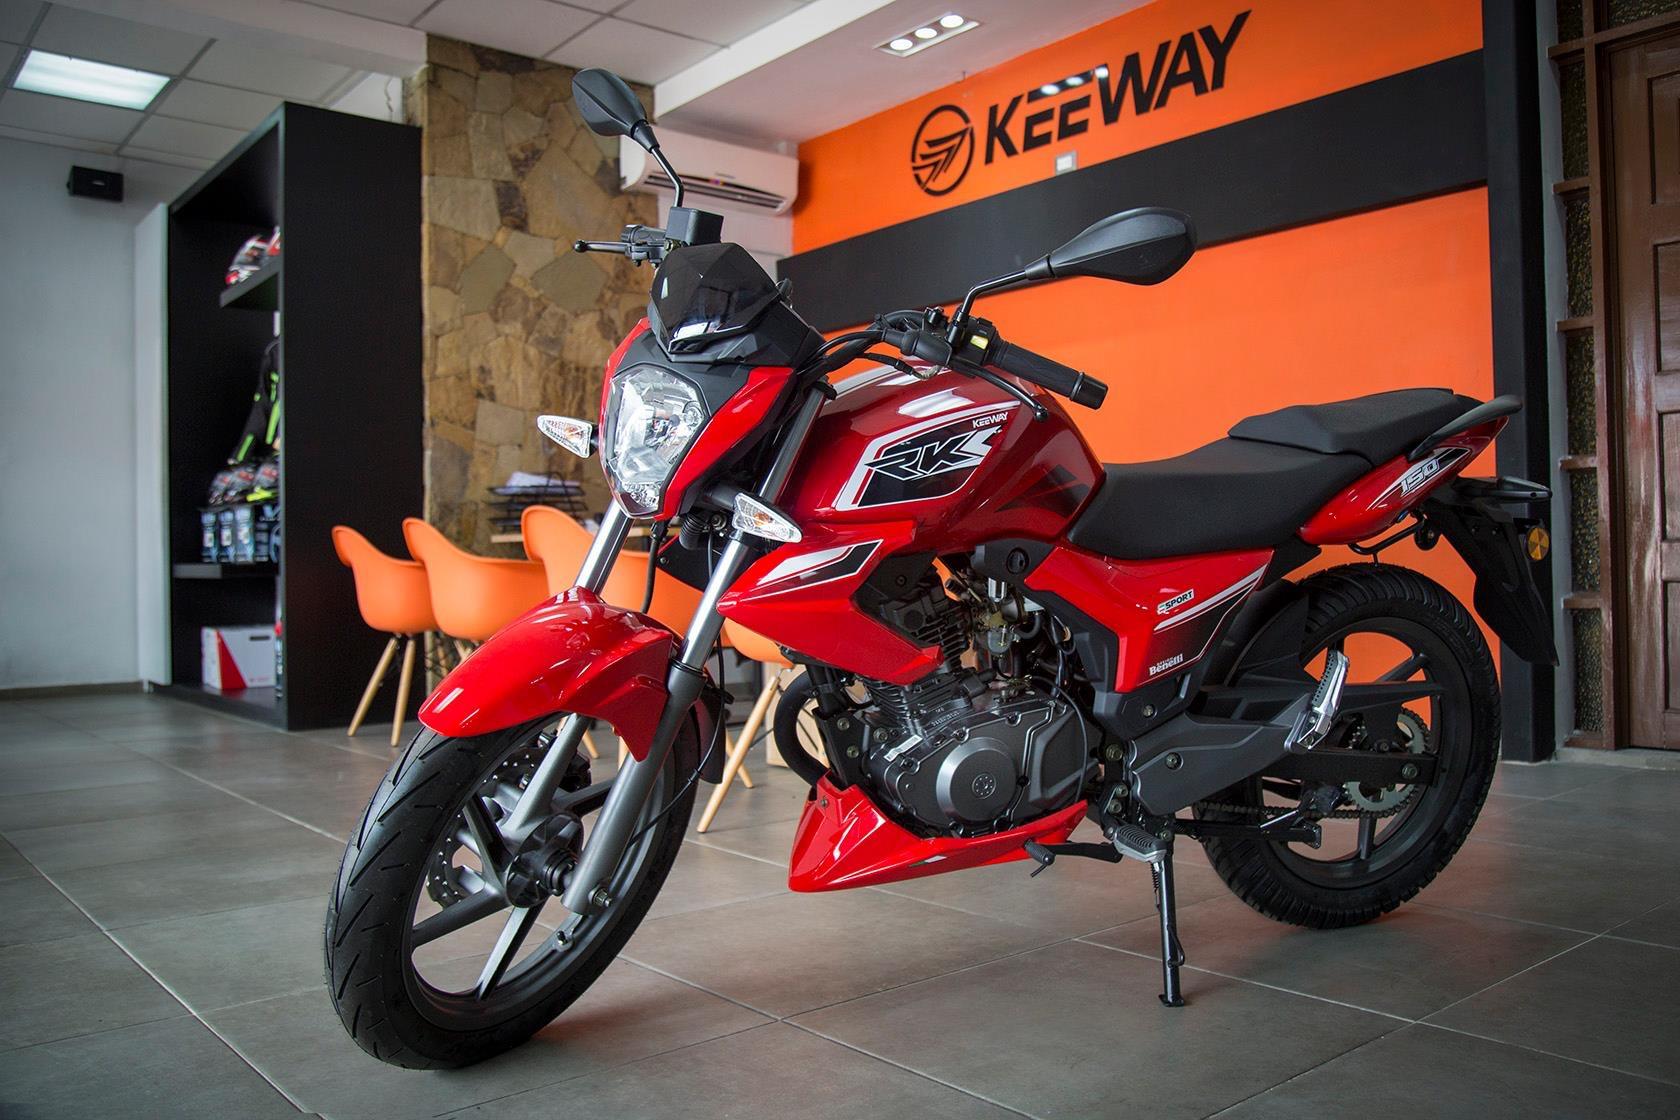 Keeway Gallery